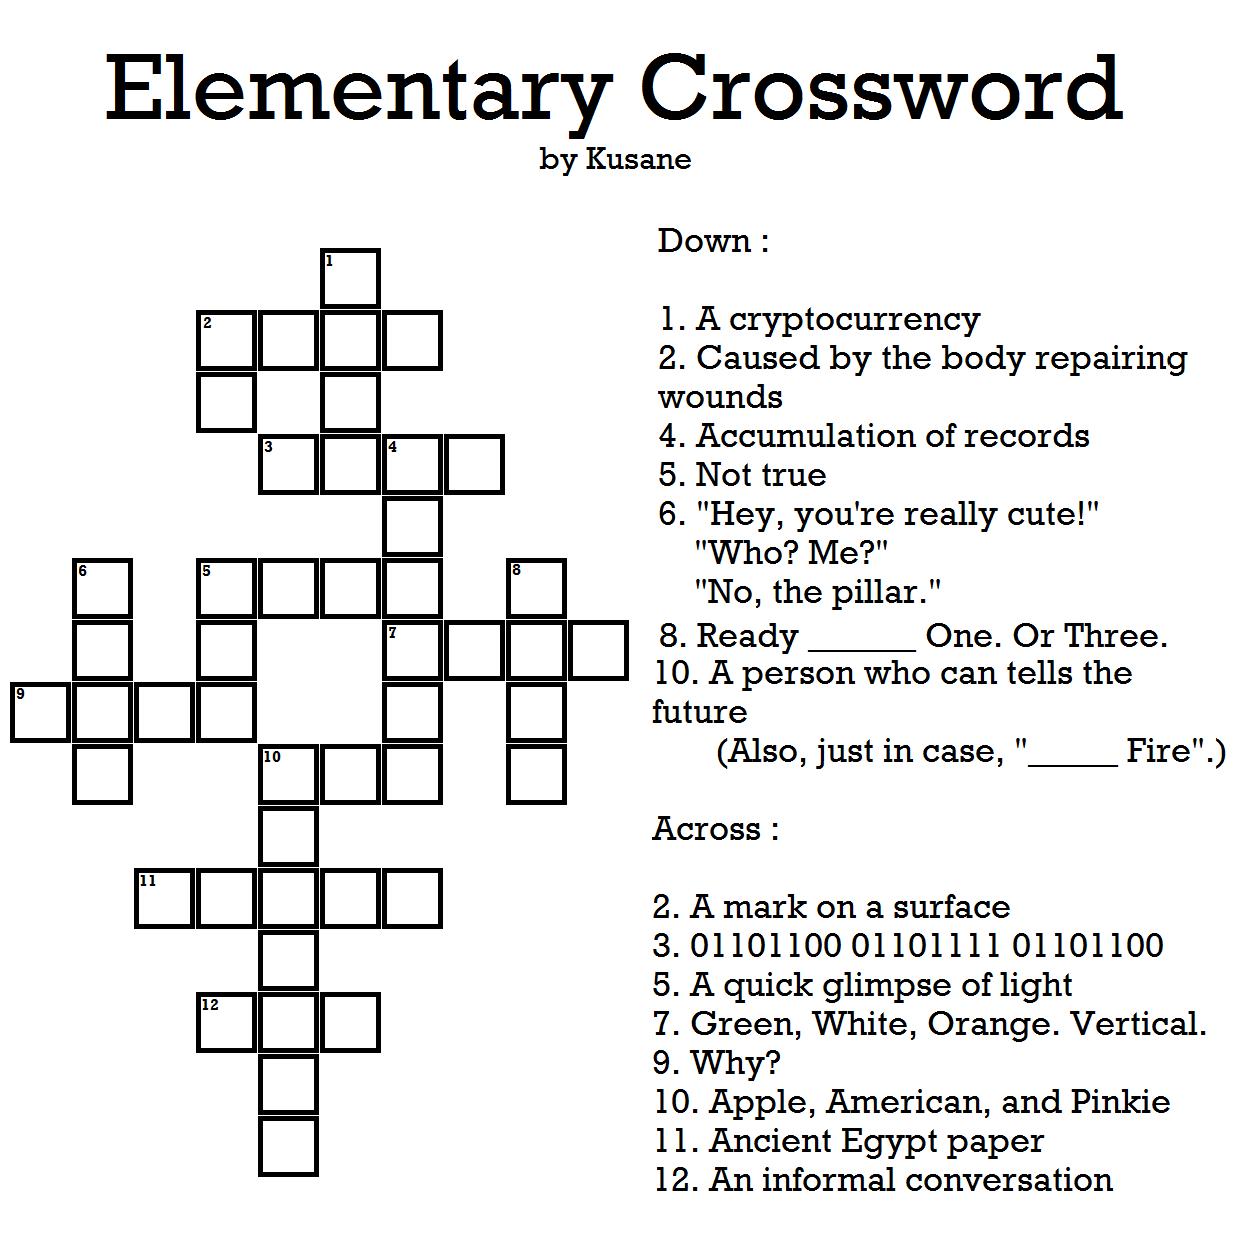 Elementary Crossword Puzzles